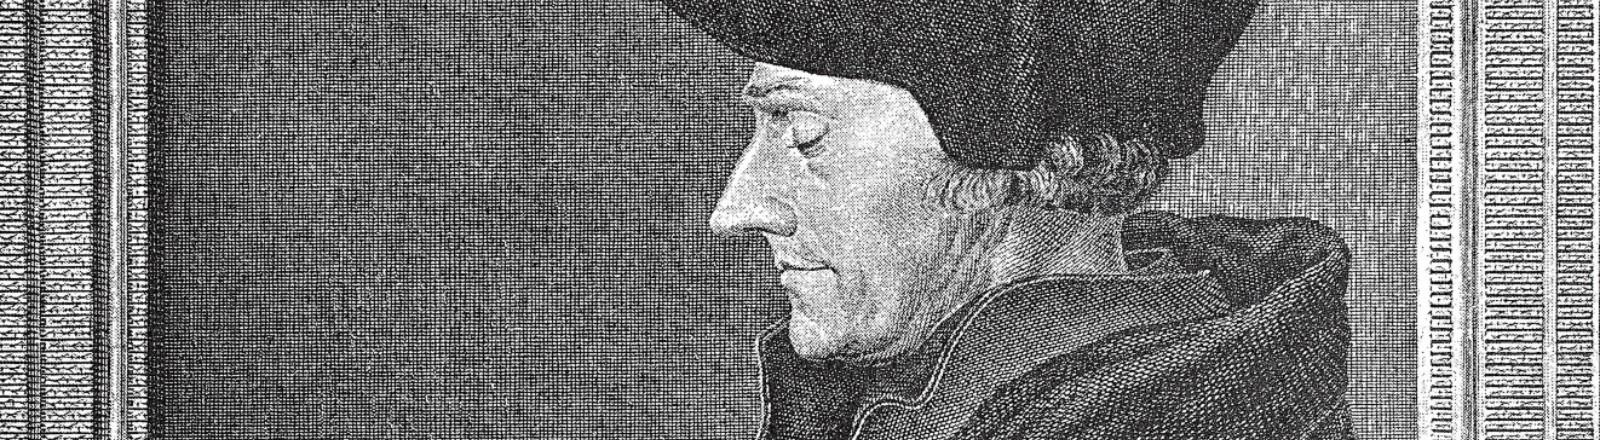 Desiderius Erasmus Roterodamus, 28. Oktober 1466 - 12. Juli 1536, bekannt als Erasmus oder Erasmus von Rotterdam, ein niederländischer Philosoph und christlicher Gelehrter / digitale Reproduktion einer Originalvorlage aus dem 19. Jahrhundert, (Originaldatum nicht bekannt)